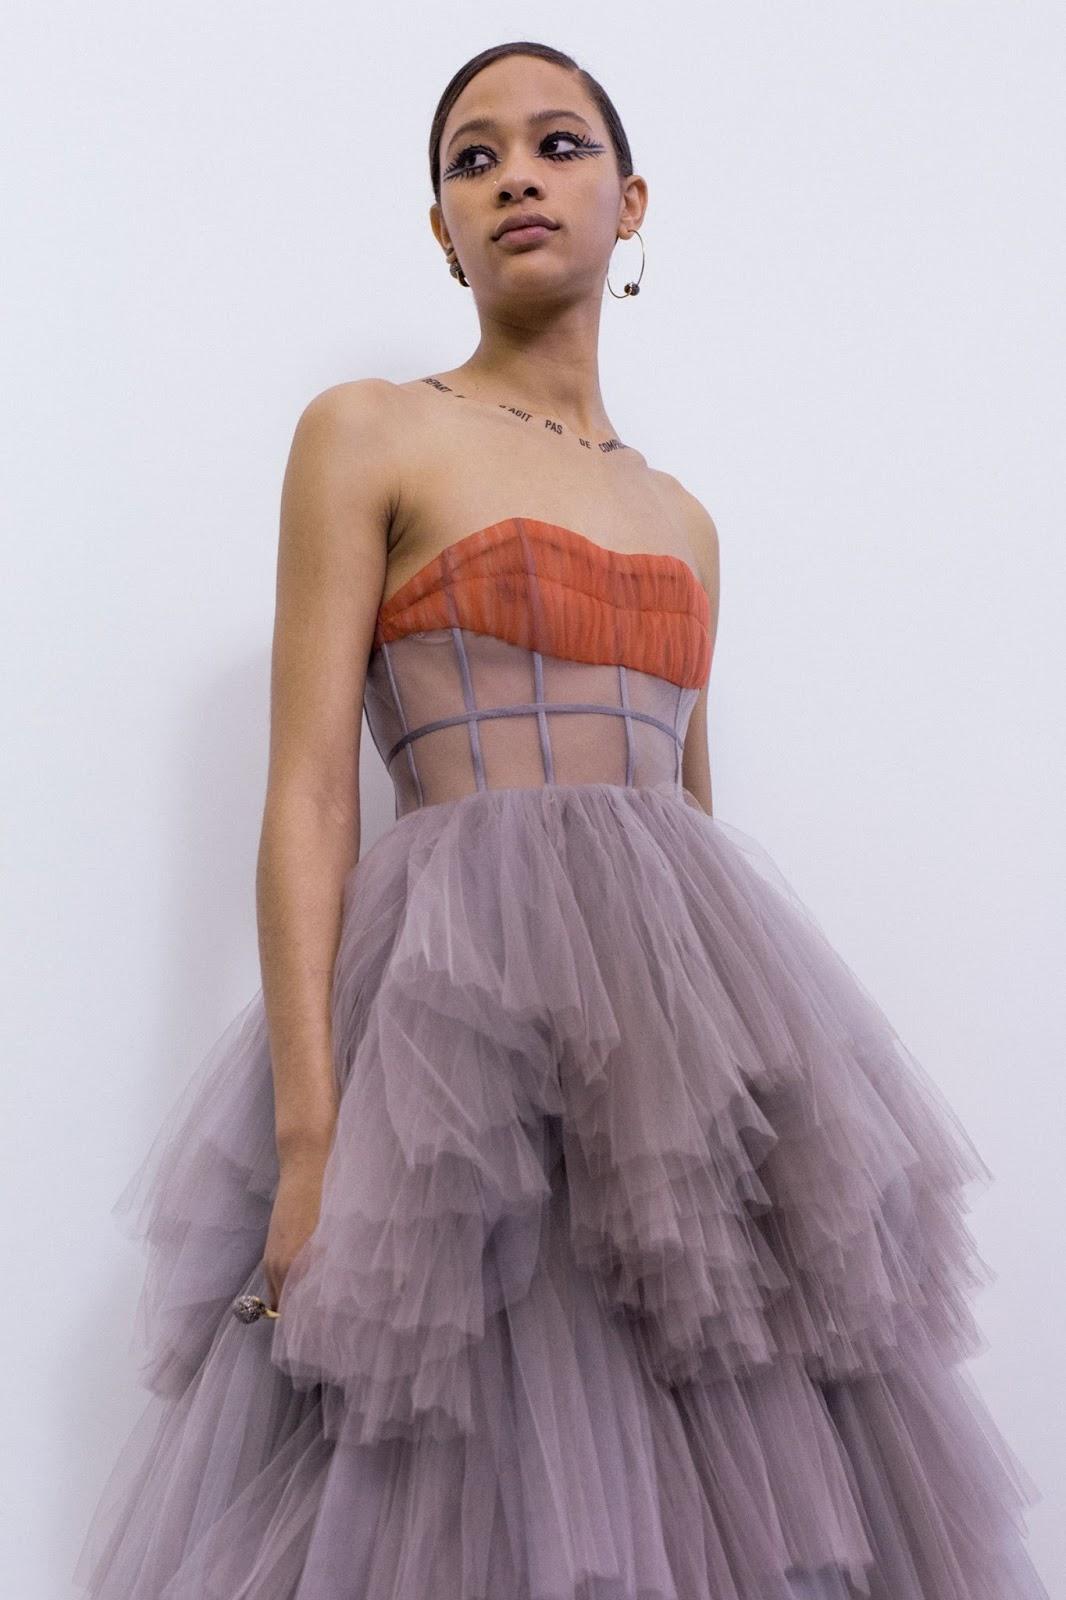 dior-couture-ss18, dior-haute-couture-ss18, dior-couture, Maria-Grazia-Chiuri-dior, paris-fashion-week-2018, pfw2018, pfw-2018, pfw-18, défilé-haute-couture, haute-couture